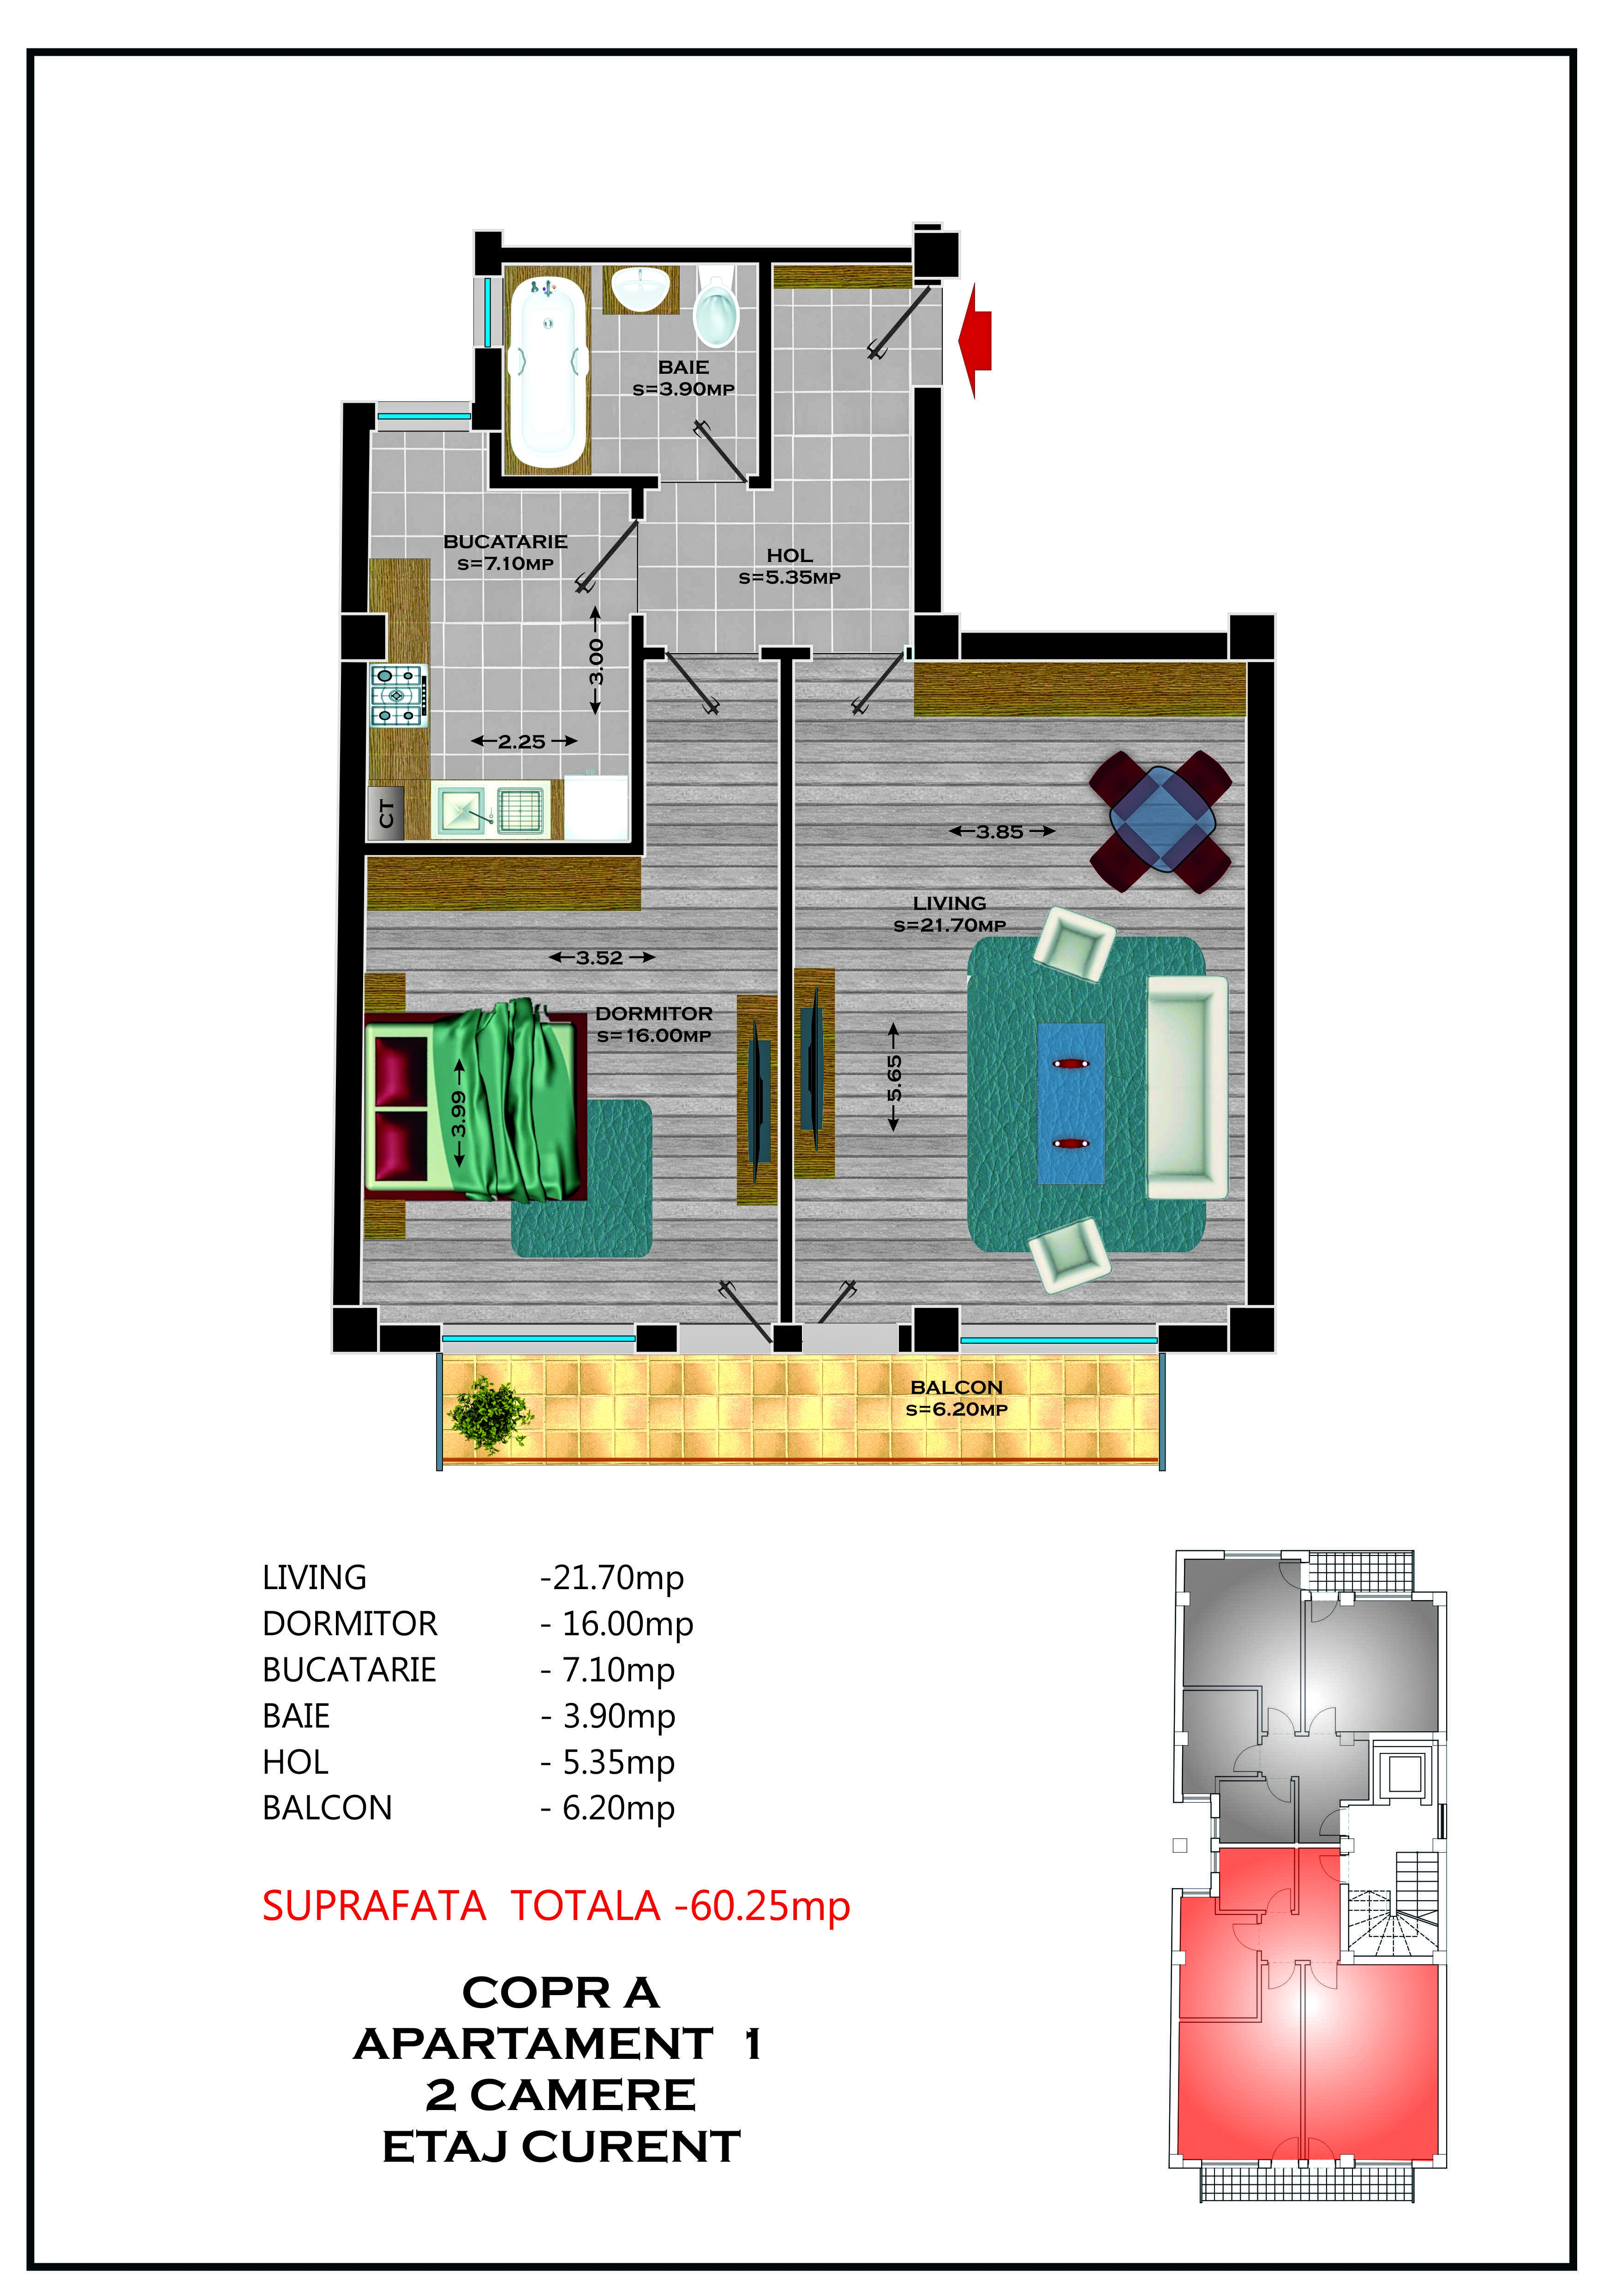 Corp A - Apartament 01 / 03 / 05 / 07